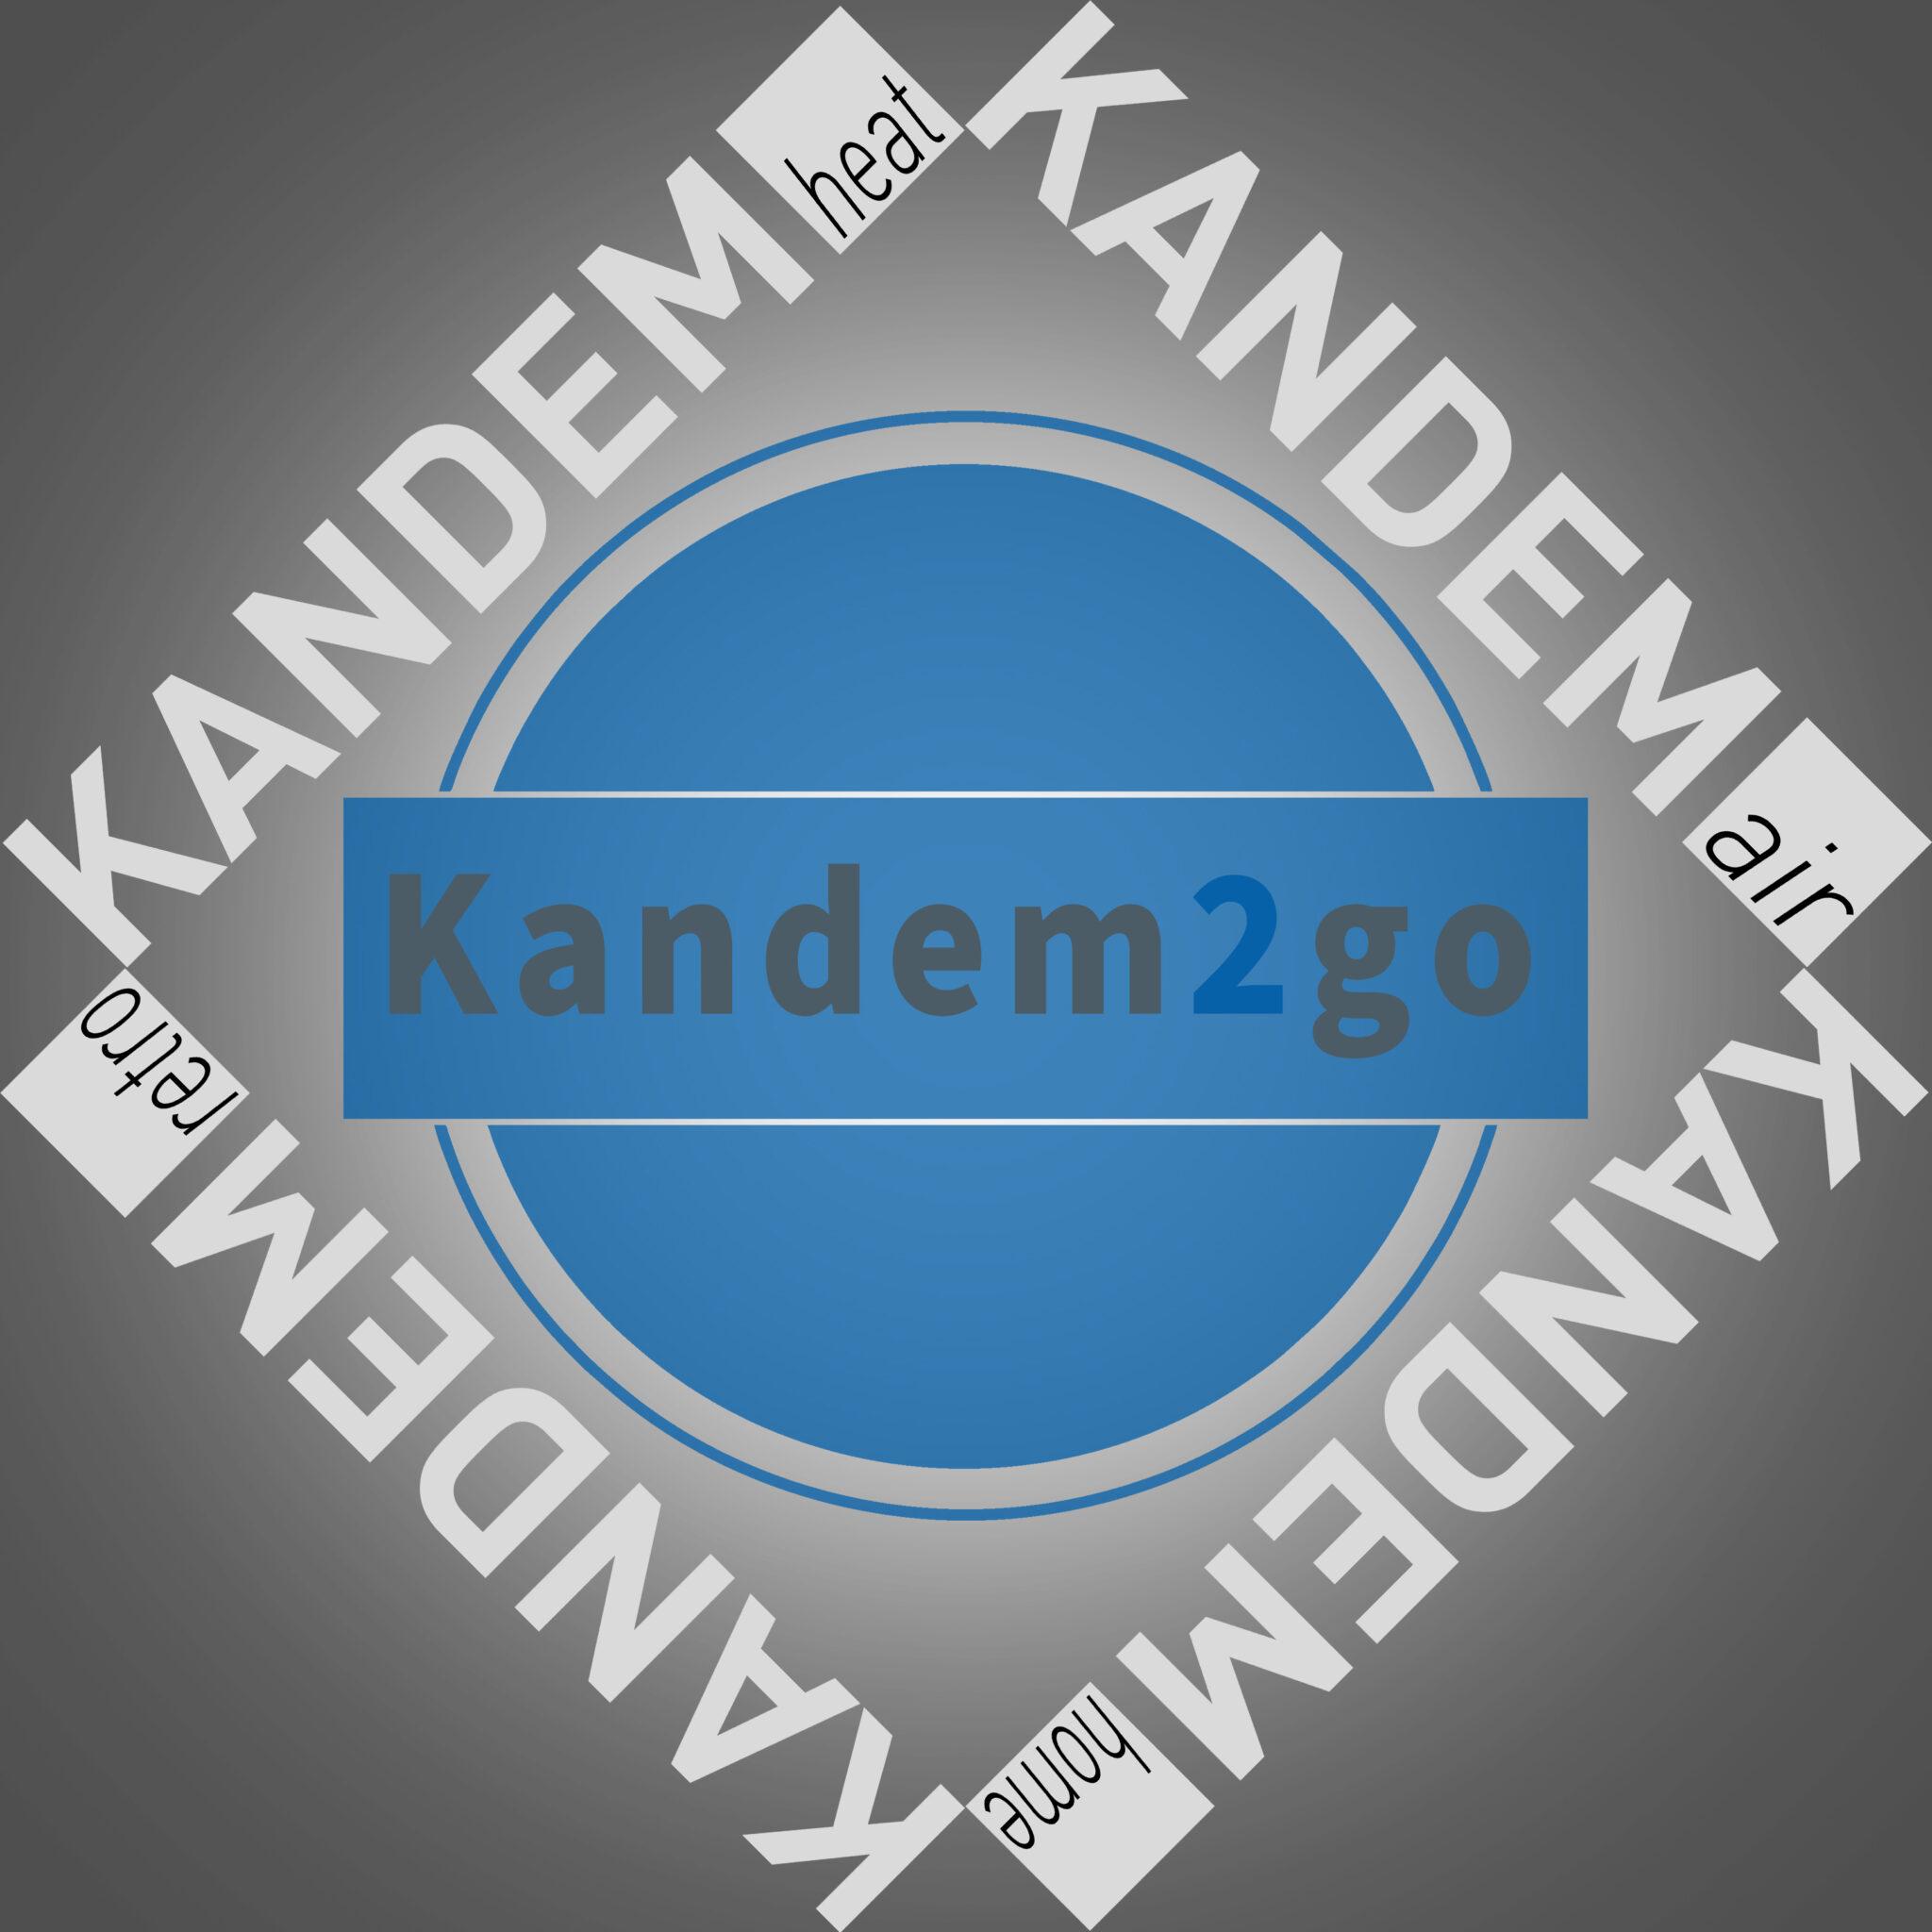 kandem2go - der KANDEM Onlineshop